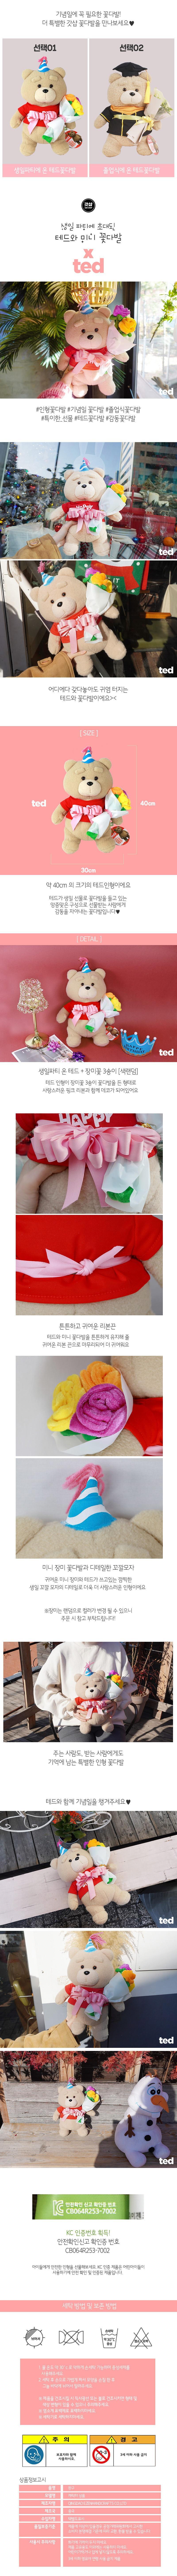 테드 곰 인형 꽃다발 2종 19곰테드 졸업식 생일 선물 - 갓샵, 34,900원, 조화, 꽃다발/꽃바구니